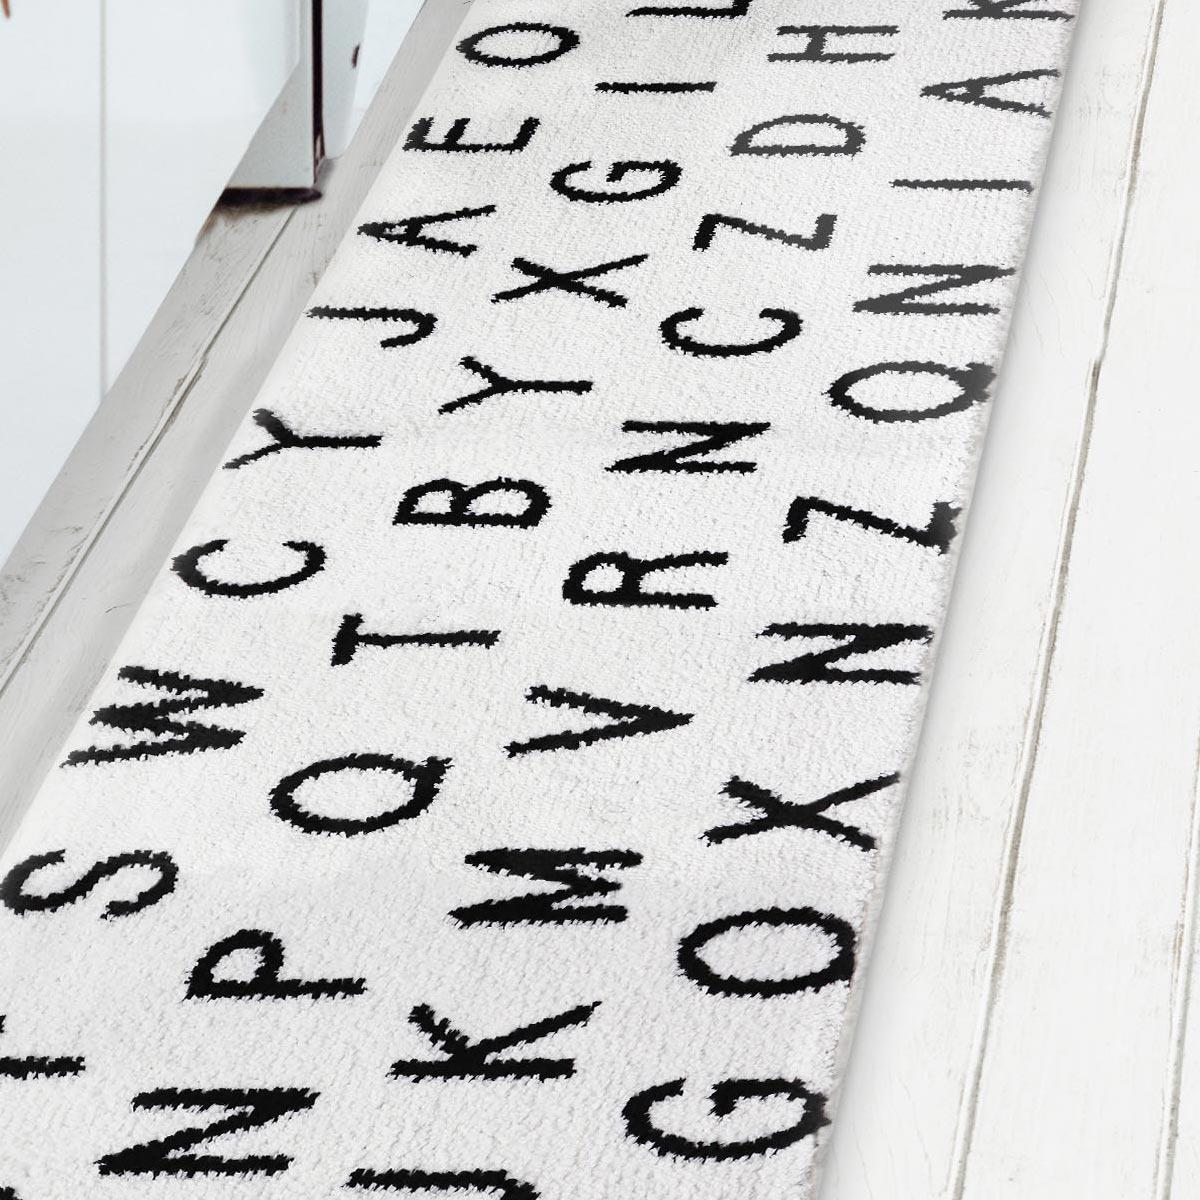 アルファベットキッチンマット ホワイト画像2